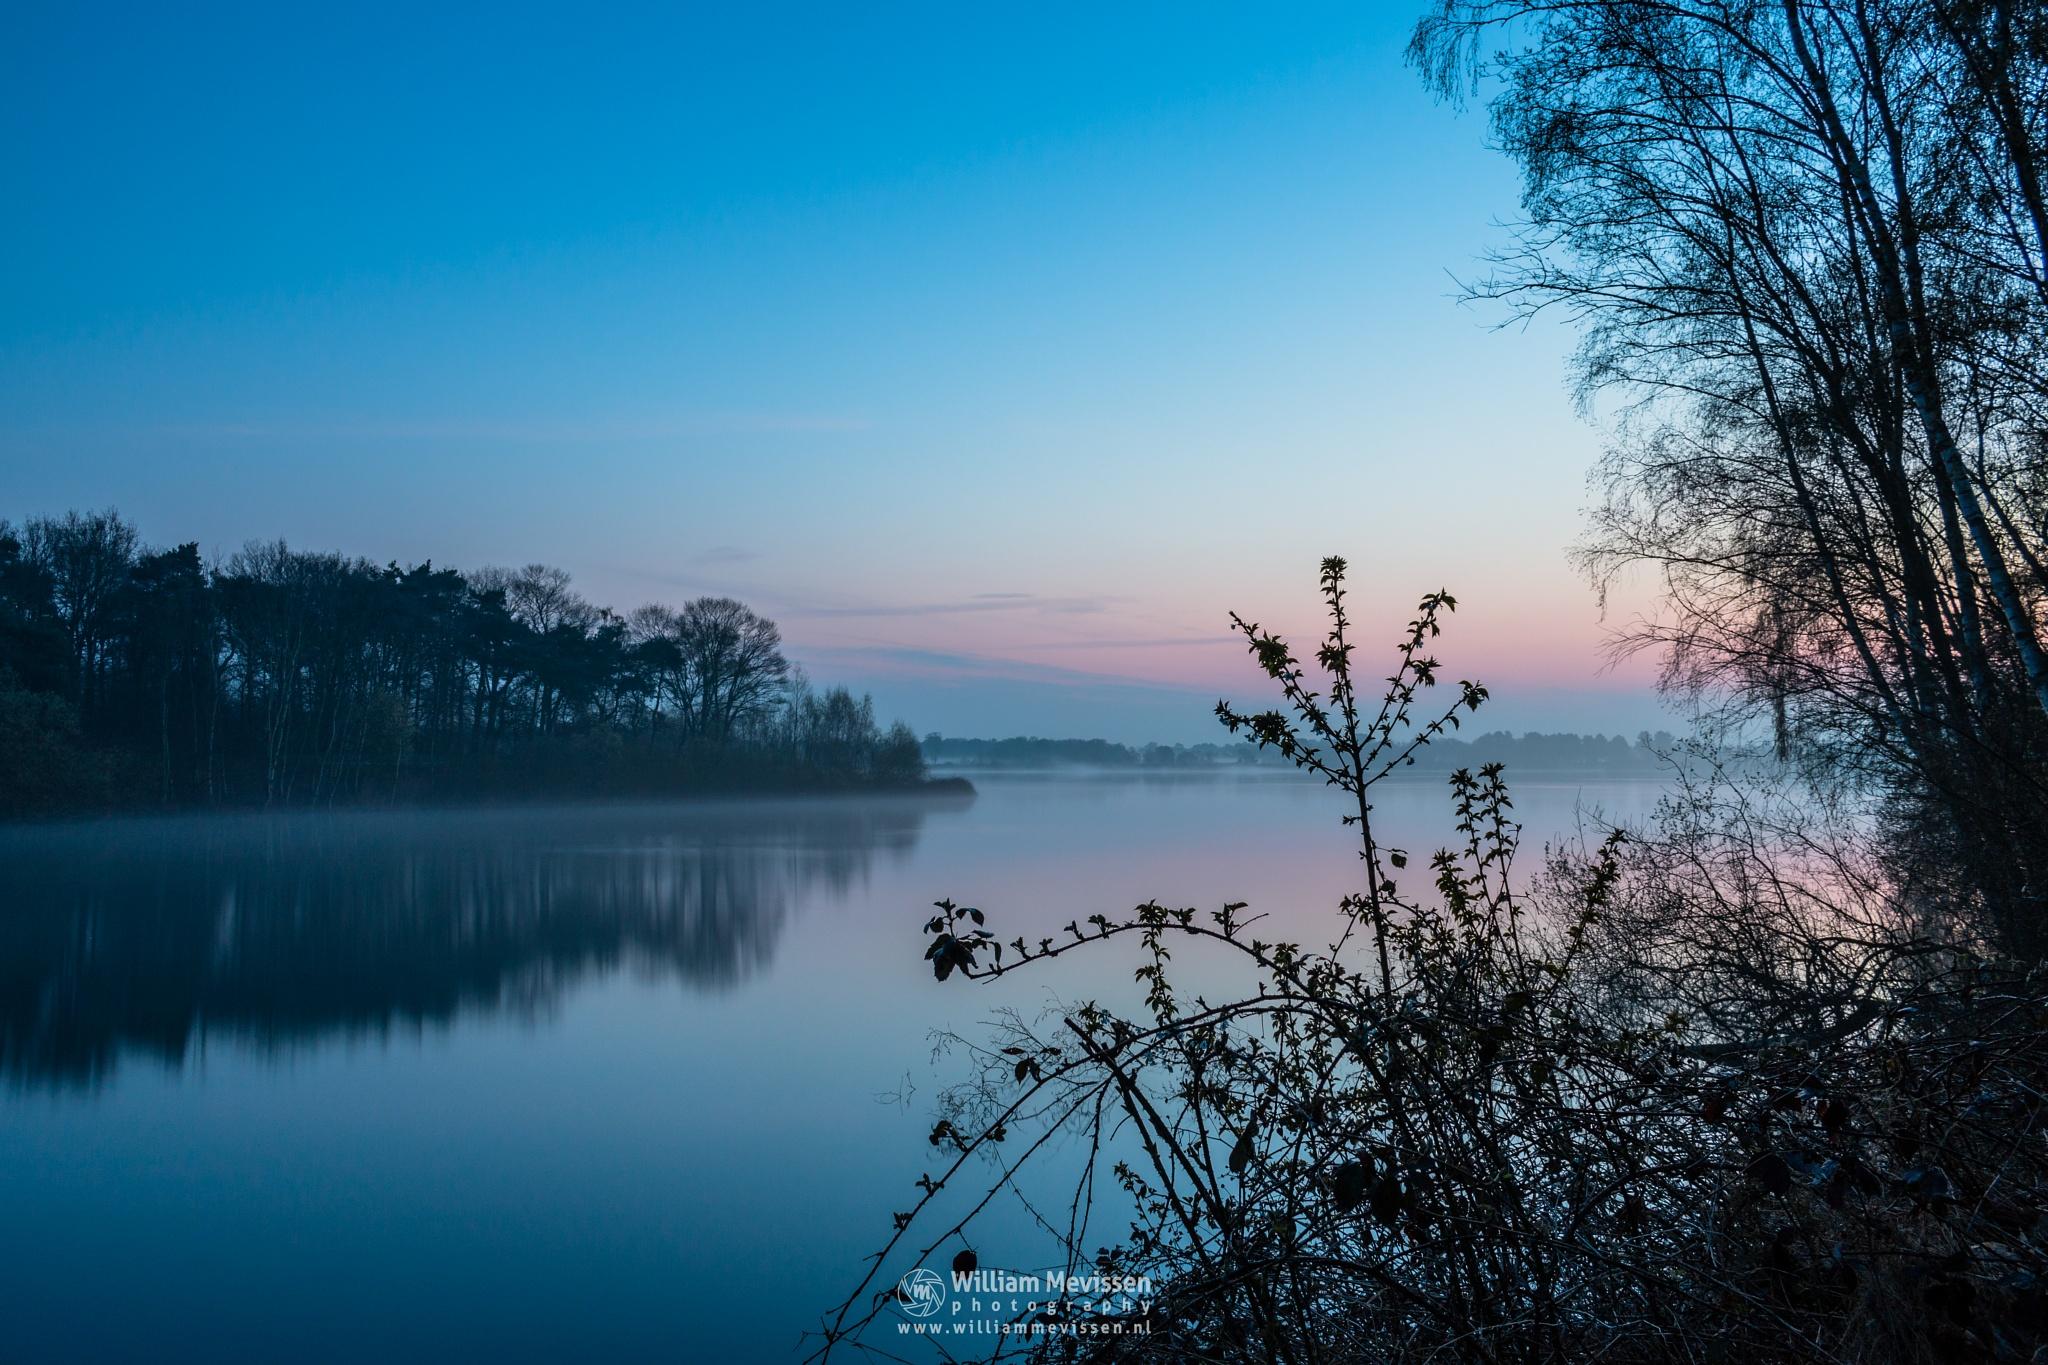 Misty Twilight Bay View by William Mevissen